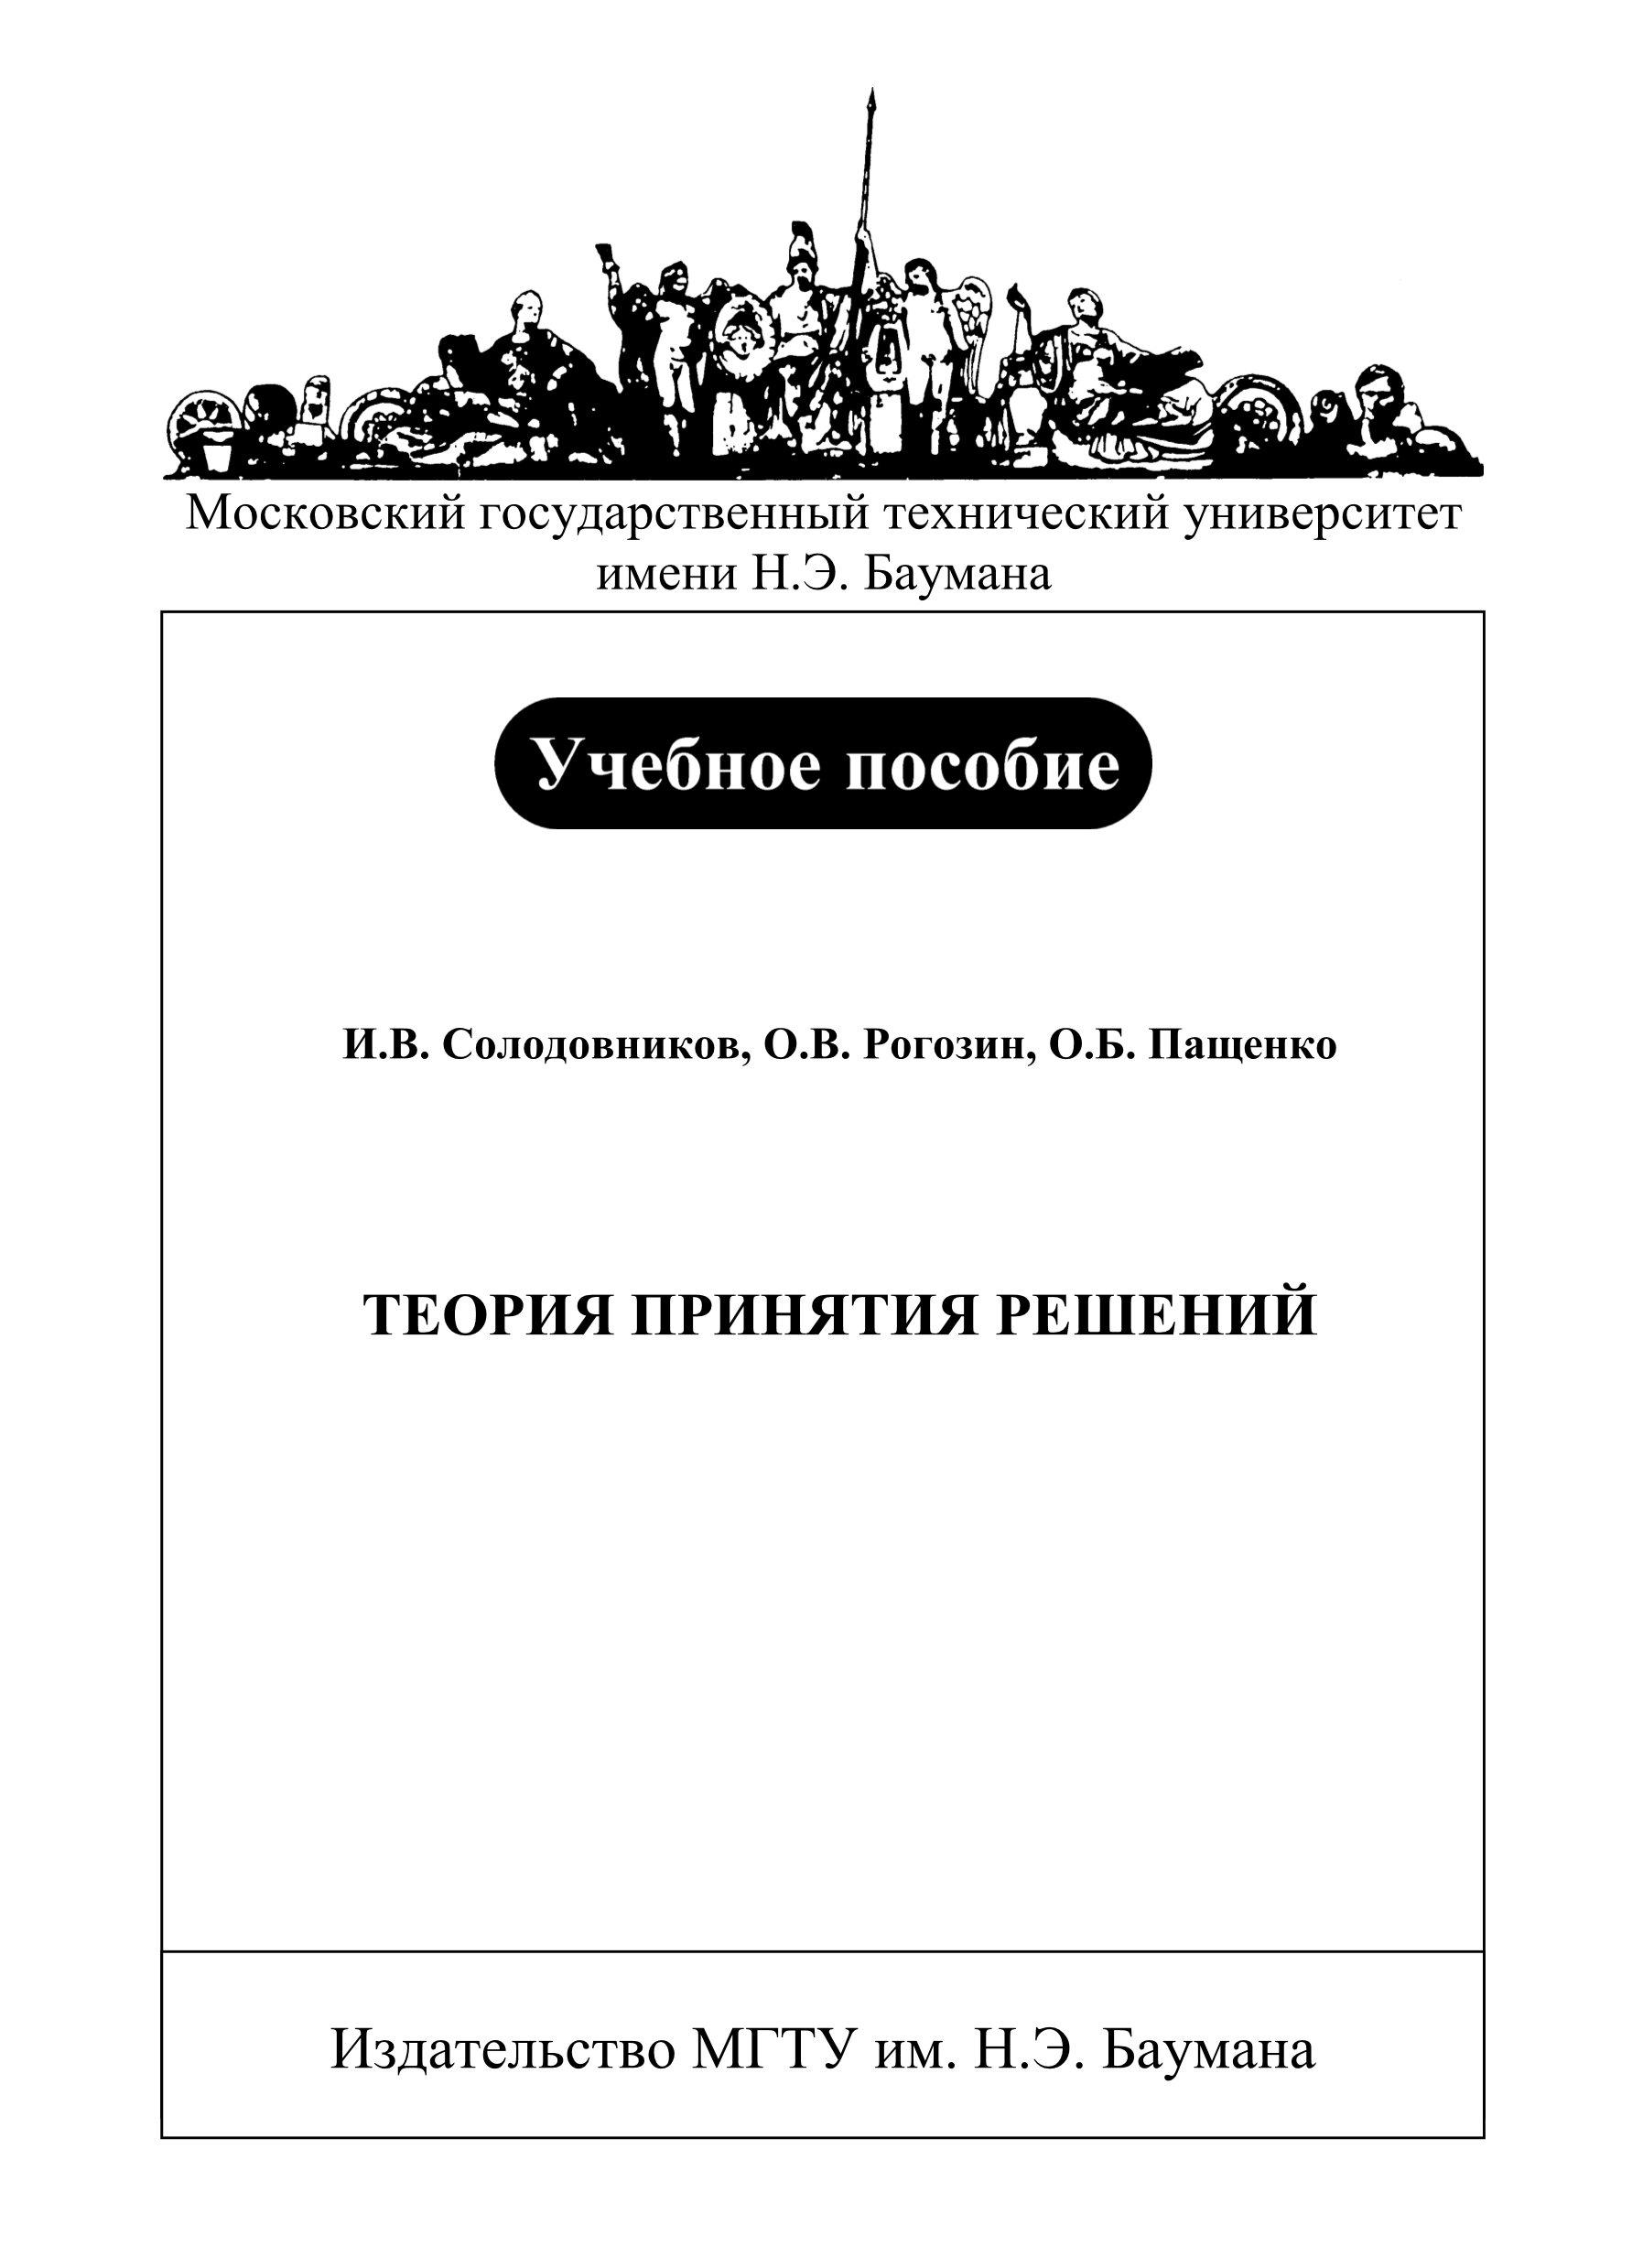 Олег Пащенко Теория принятия решений